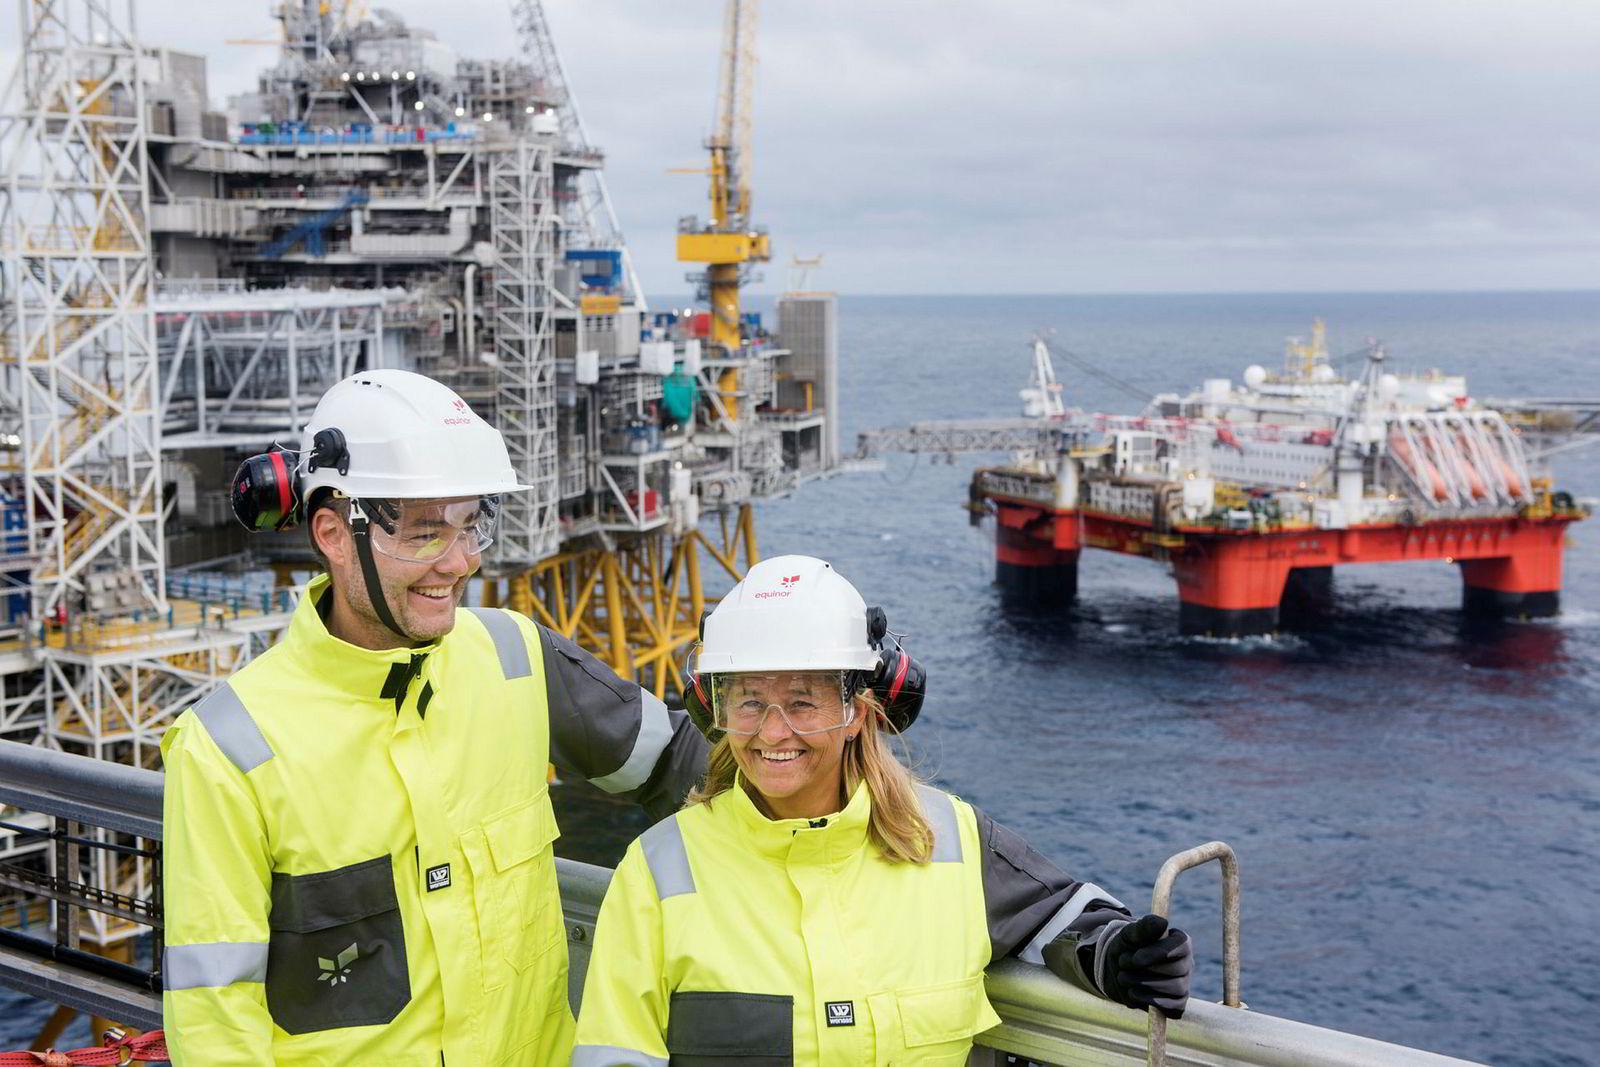 koble opp fase offshore hastighet dating 43